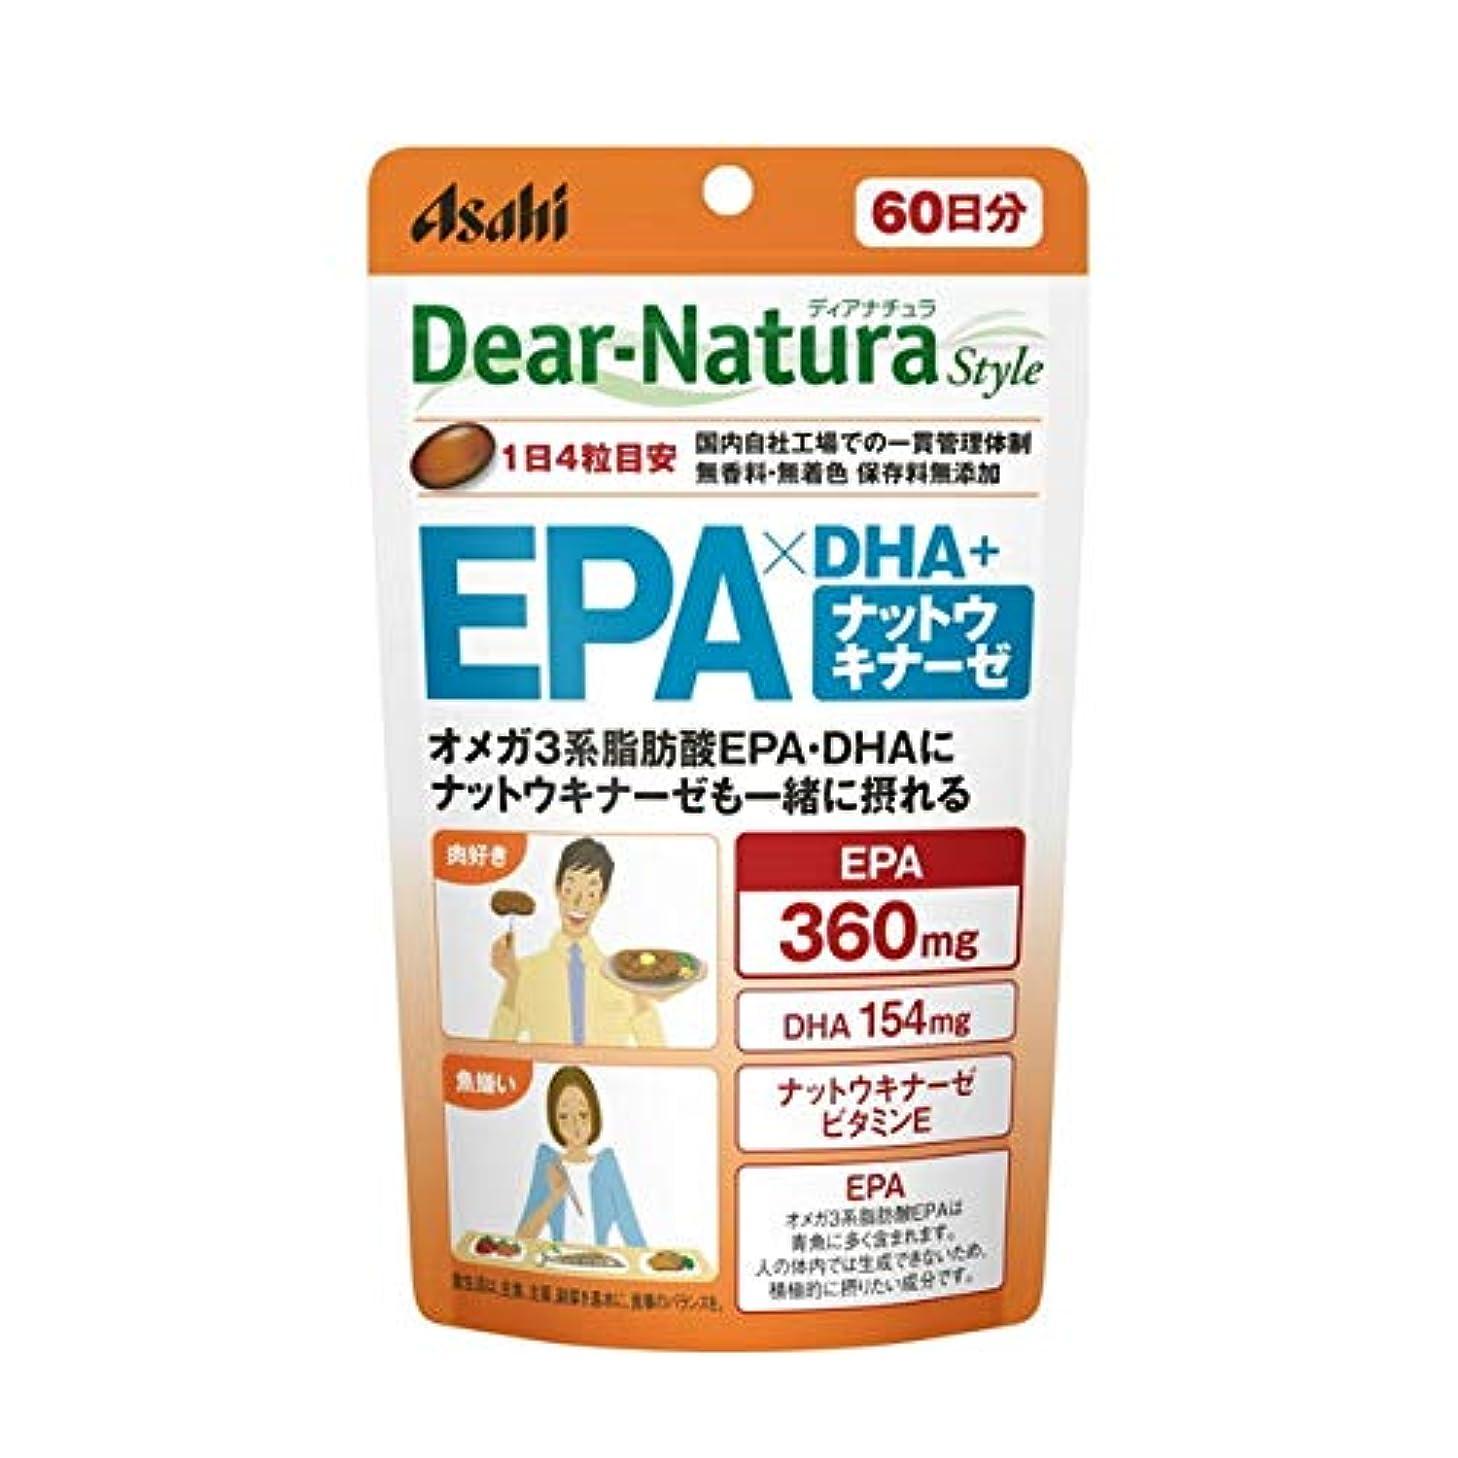 前者ビル組み合わせるディアナチュラスタイル EPA×DHA +ナットウキナーゼ 240粒 (60日分)